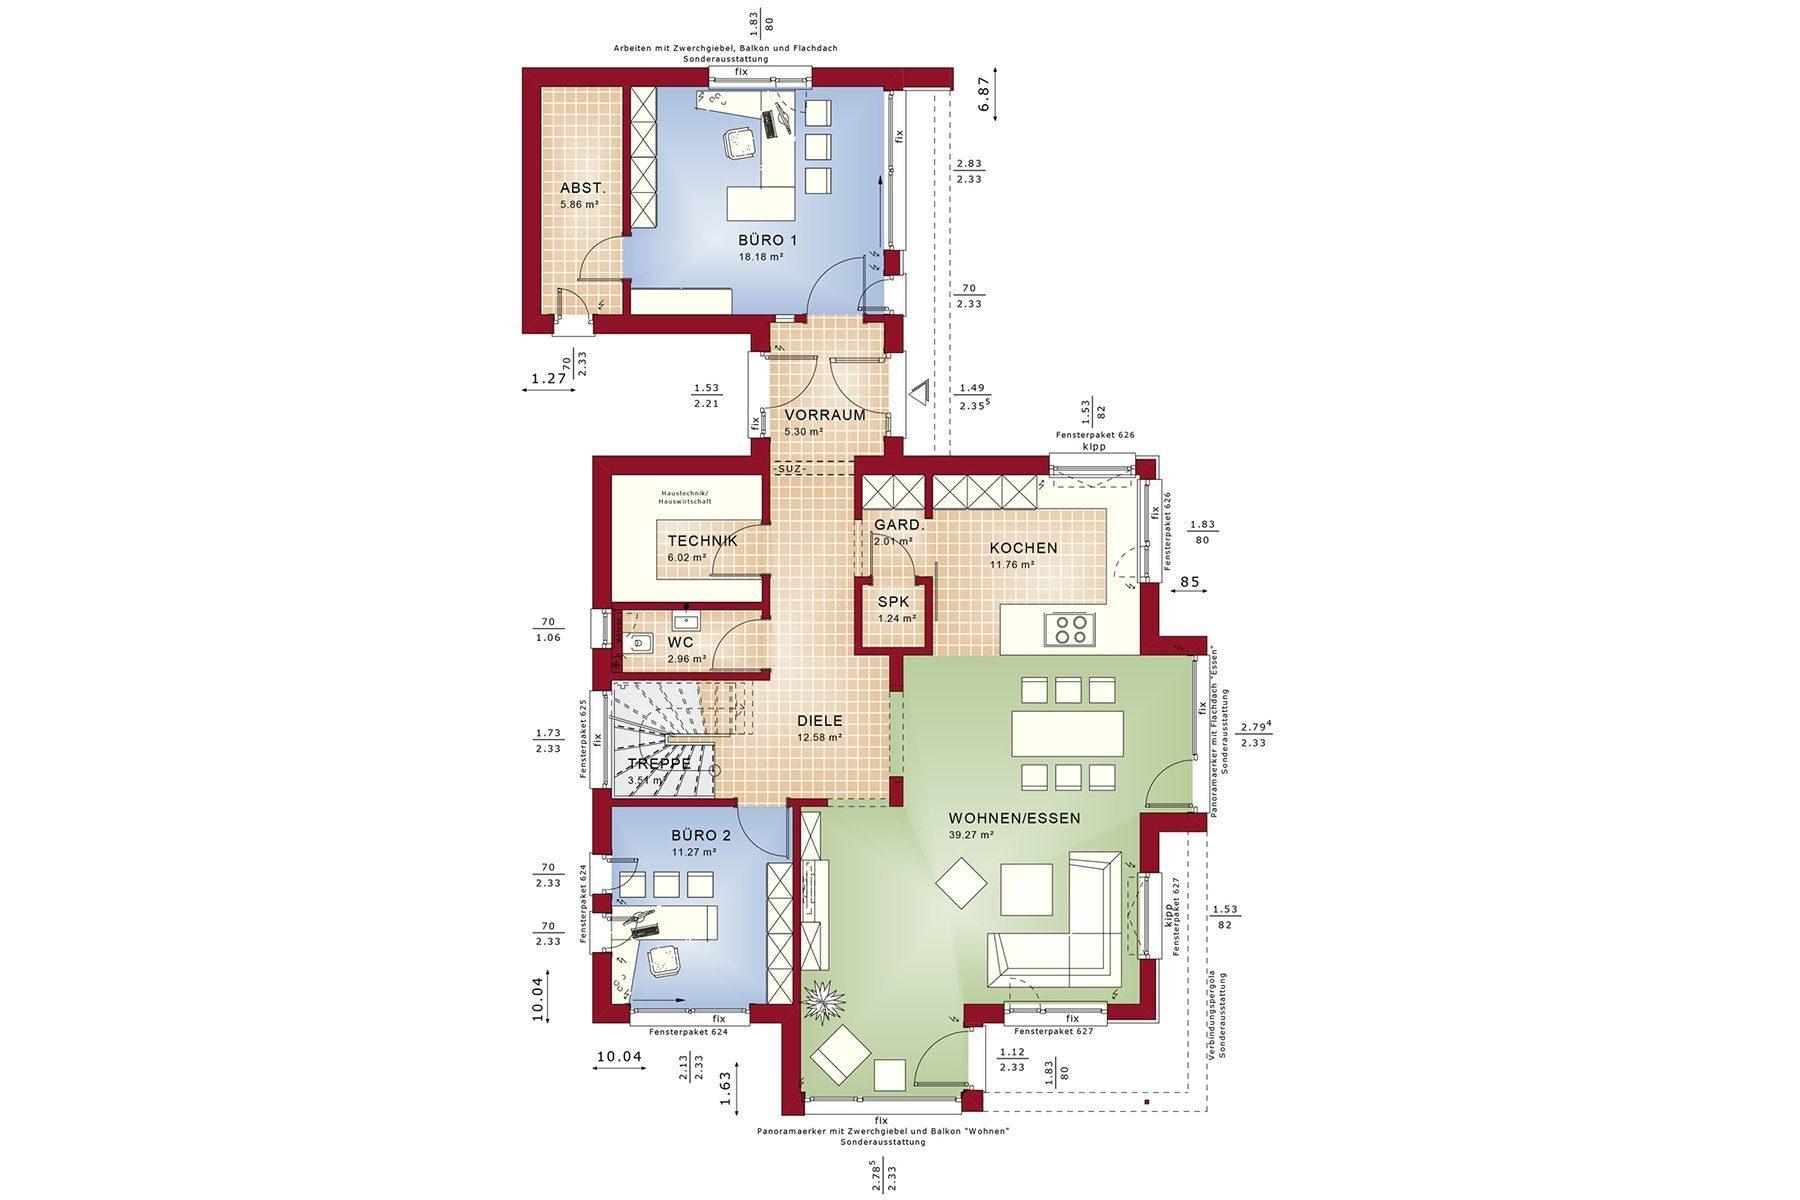 CONCEPT-M 166 Erfurt - Eine Nahaufnahme von einer Karte - Gebäudeplan